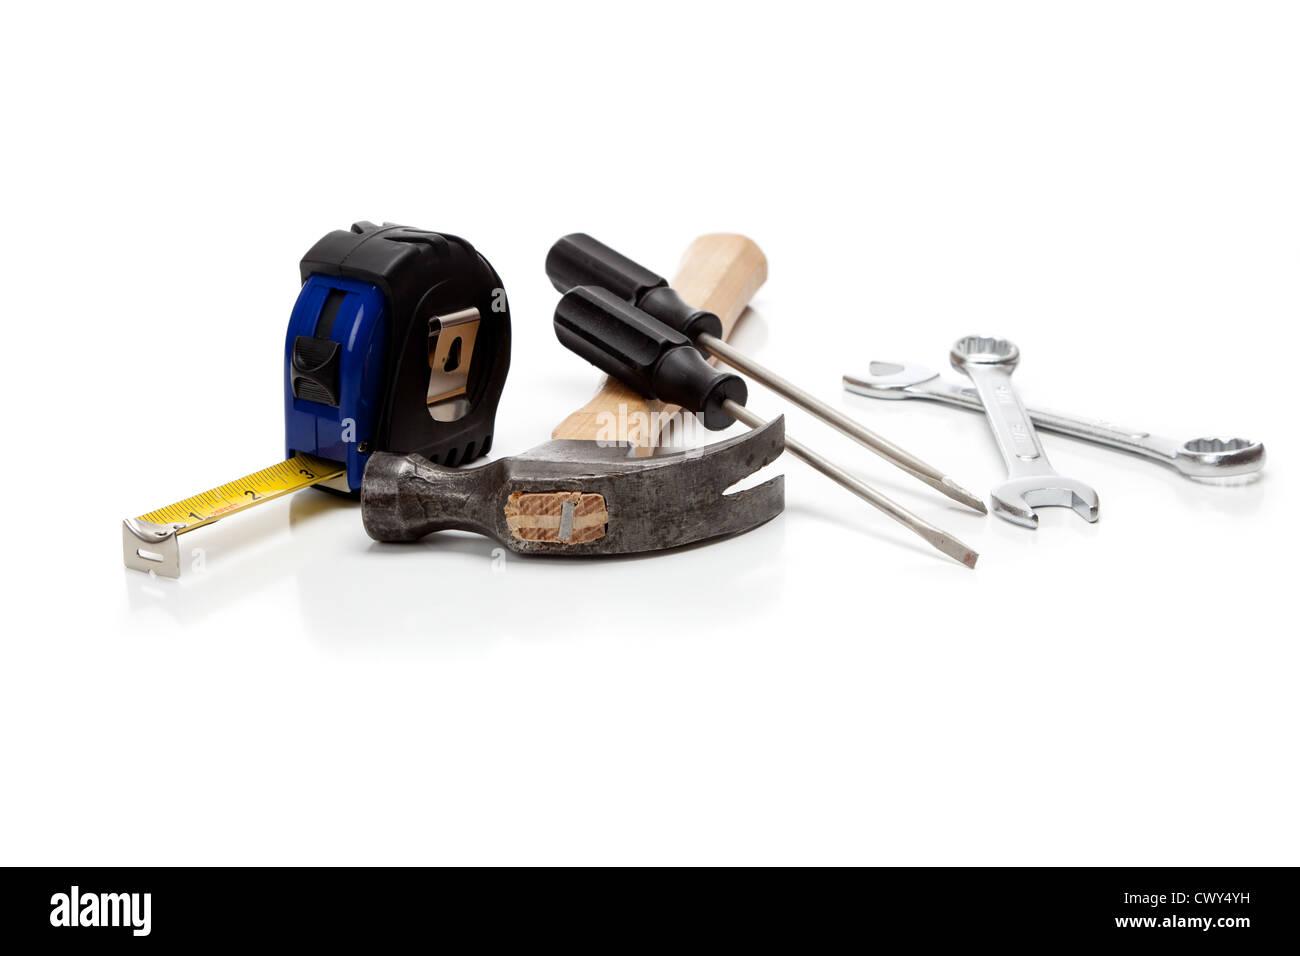 Outils divers y compris d'un marteau, ruban à mesurer Tournevis et clés sur un fond blanc Banque D'Images